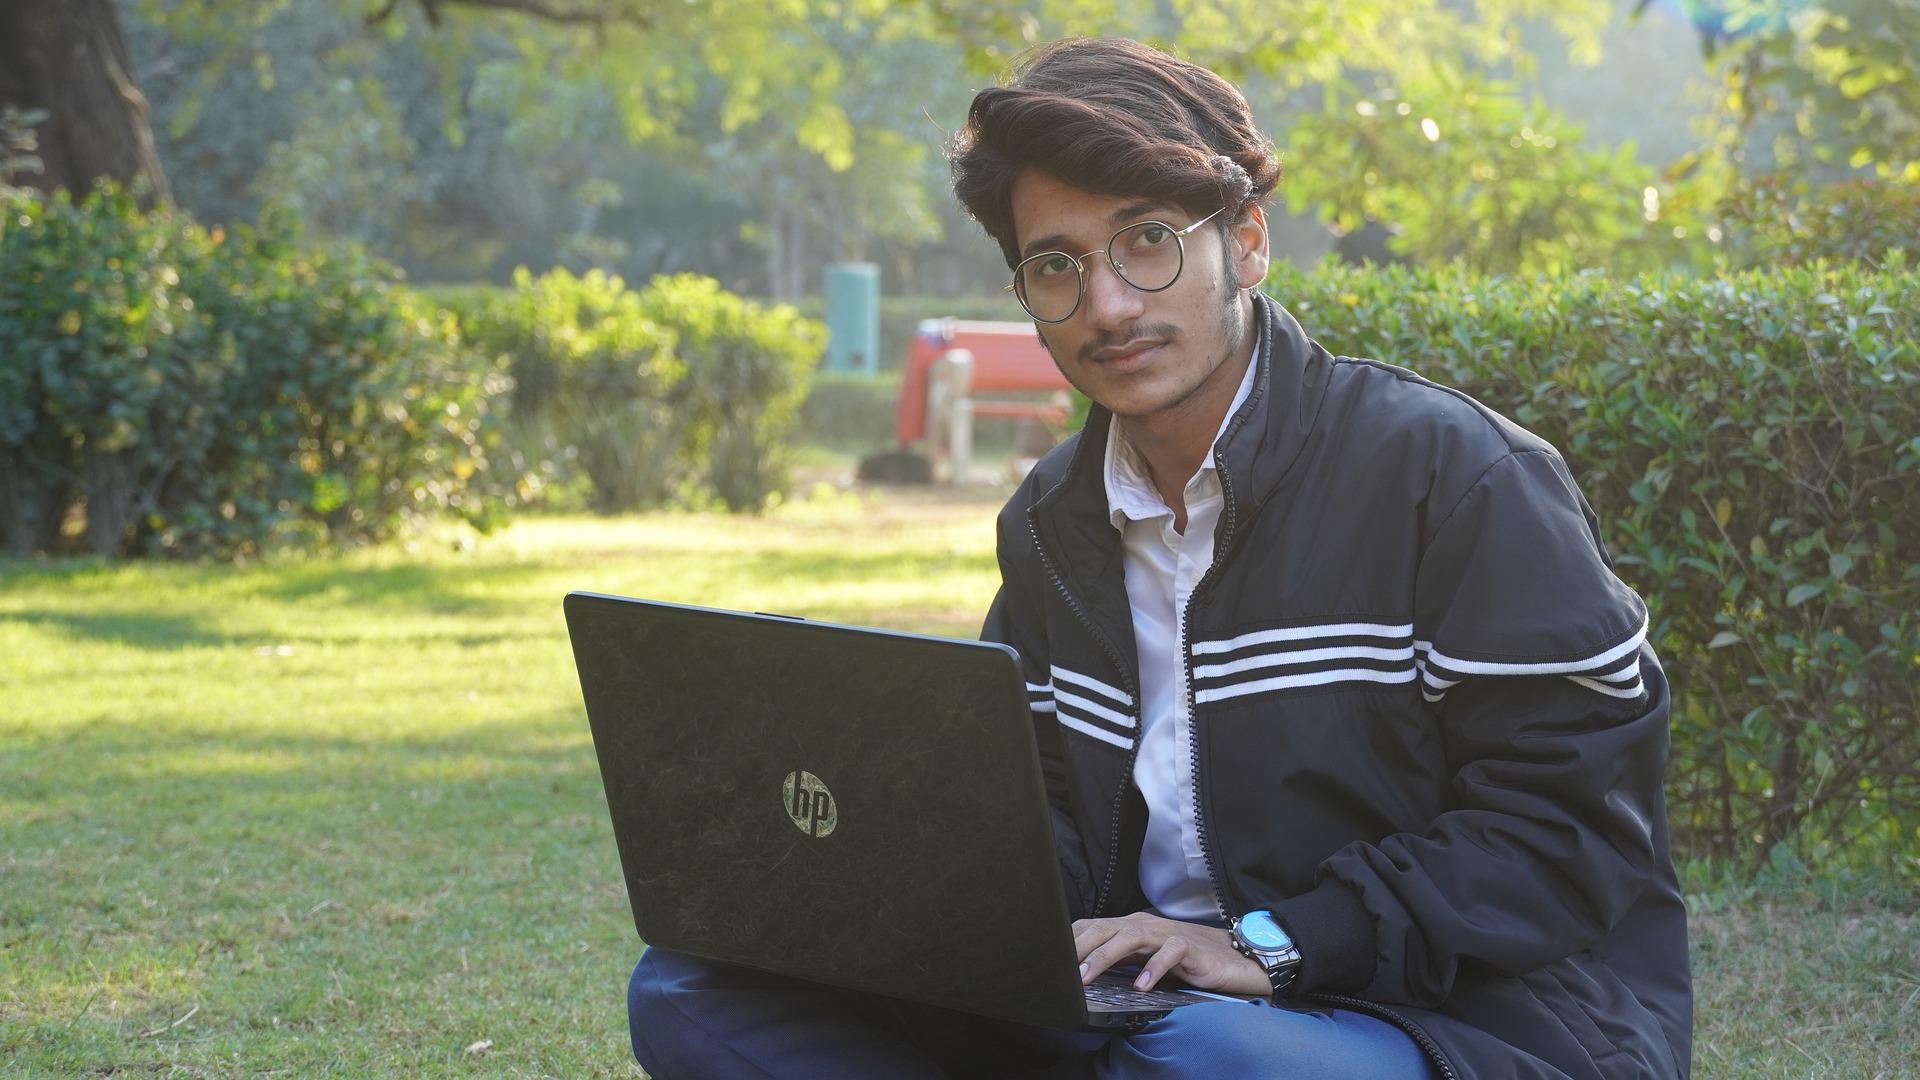 Pérenniser le télétravail : une nécessité pour recruter à l'avenir